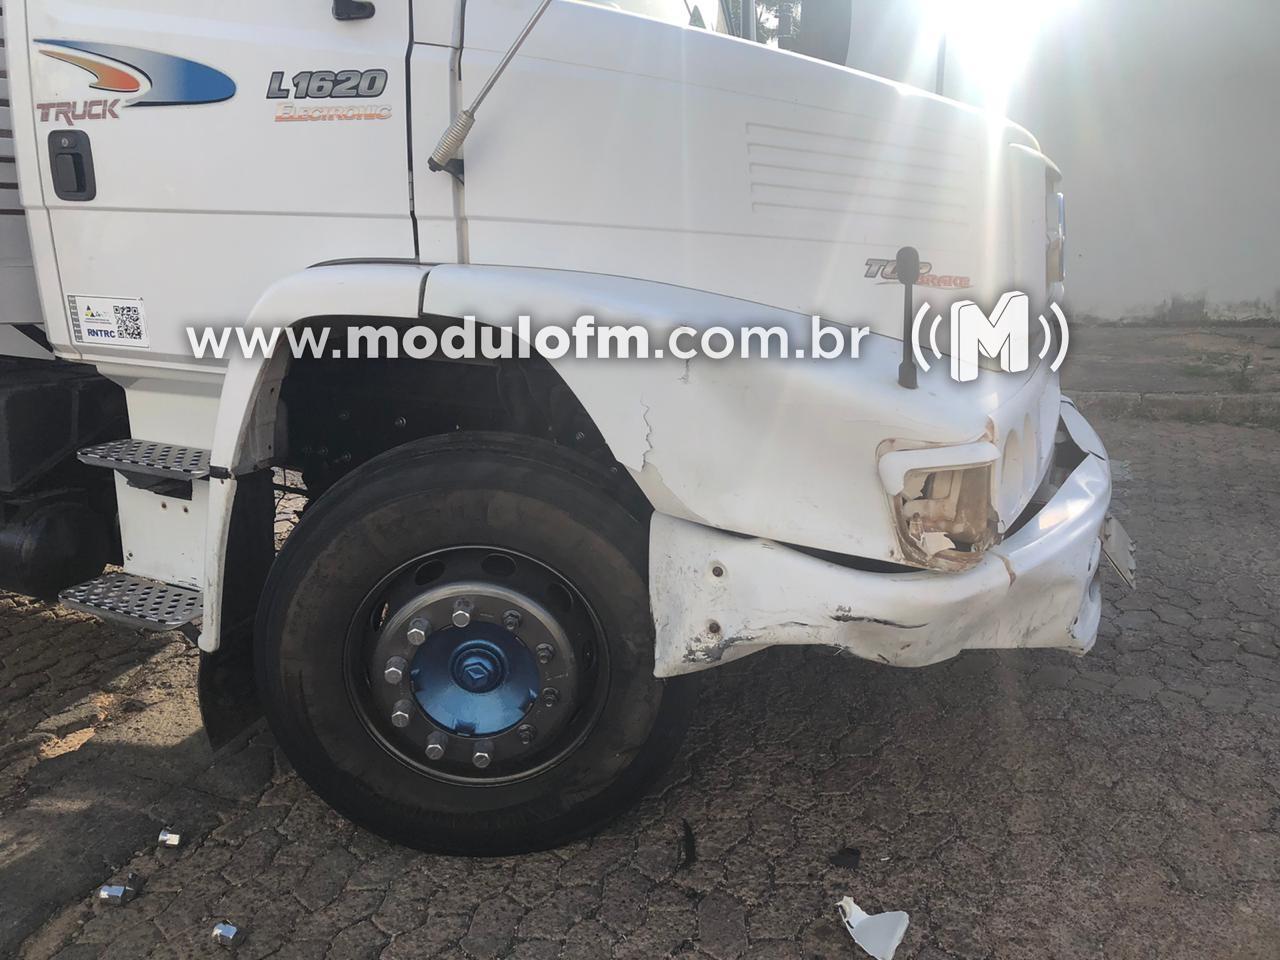 07-05-2020 caminhão 06